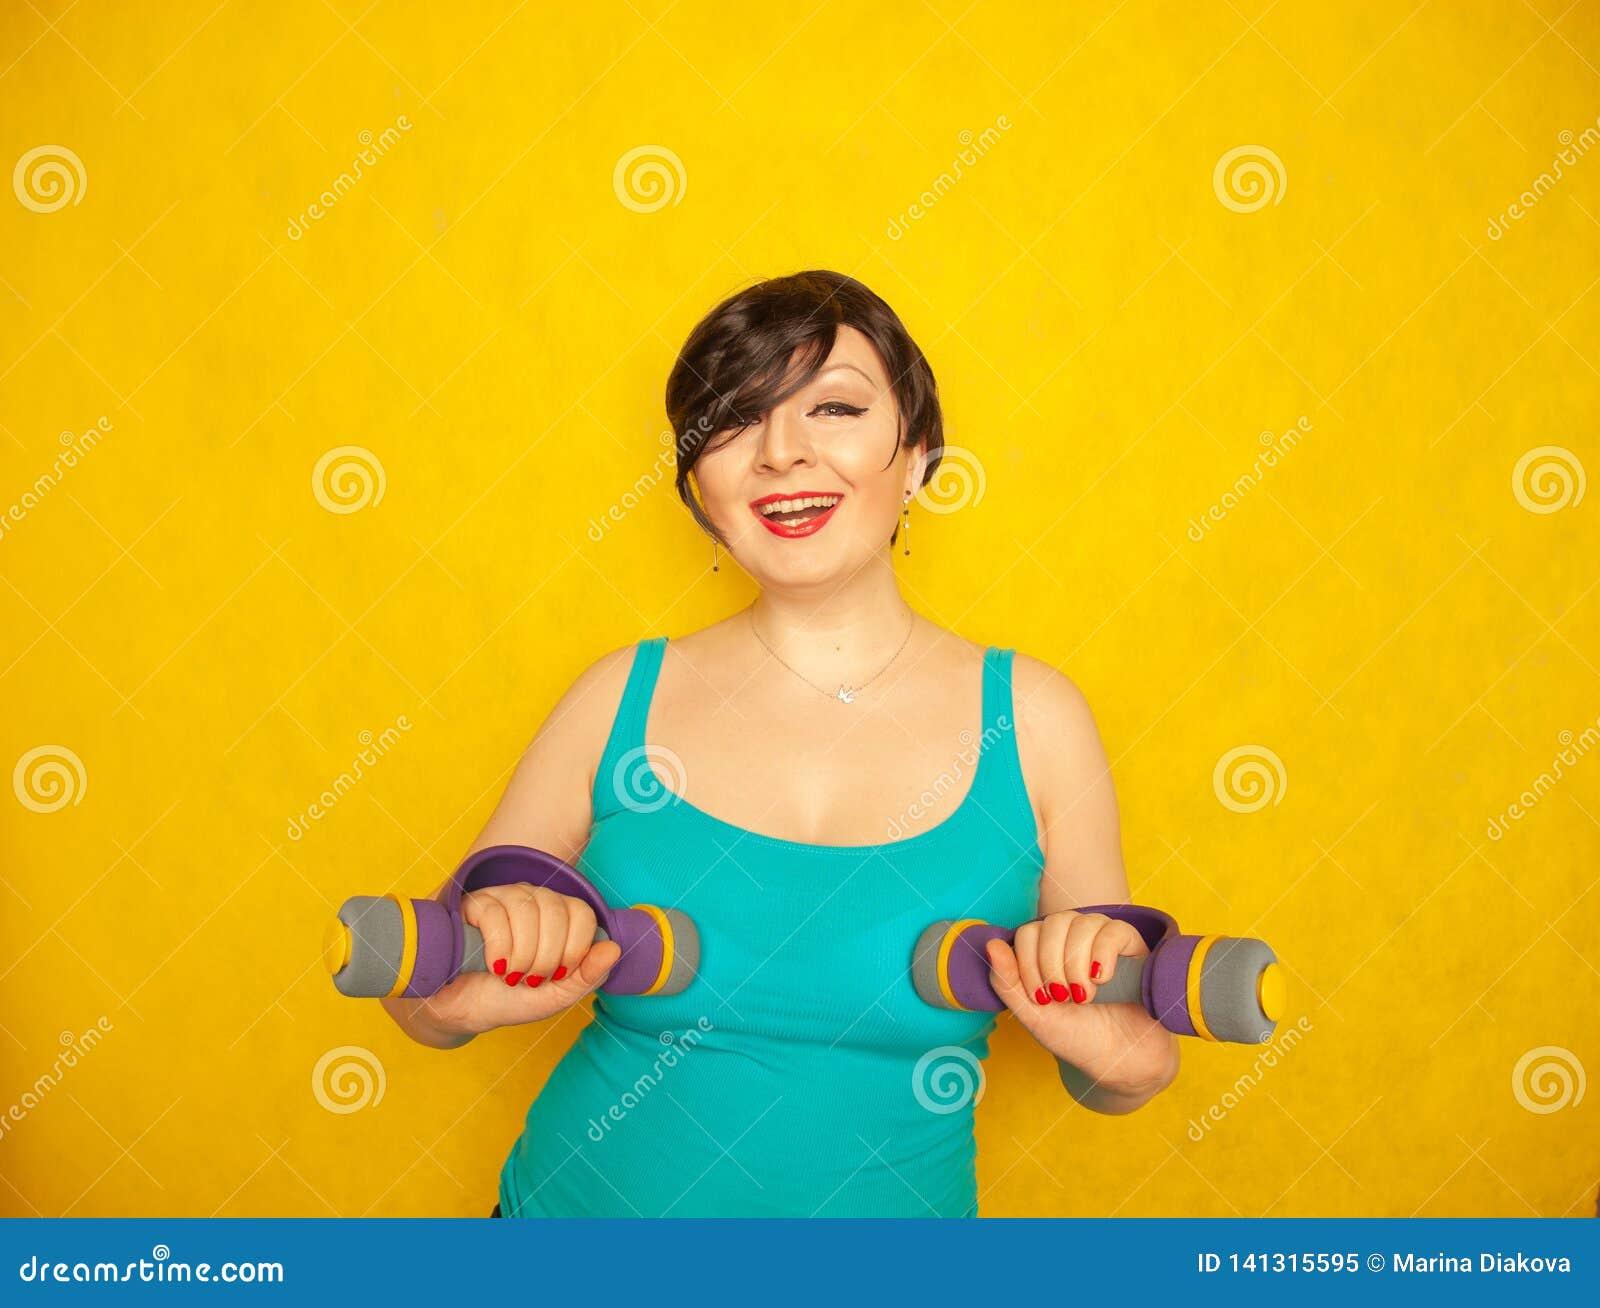 Fille émotive joyeuse potelée avec les cheveux courts dans un T-shirt bleu faisant des sports avec des haltères pour être sain et